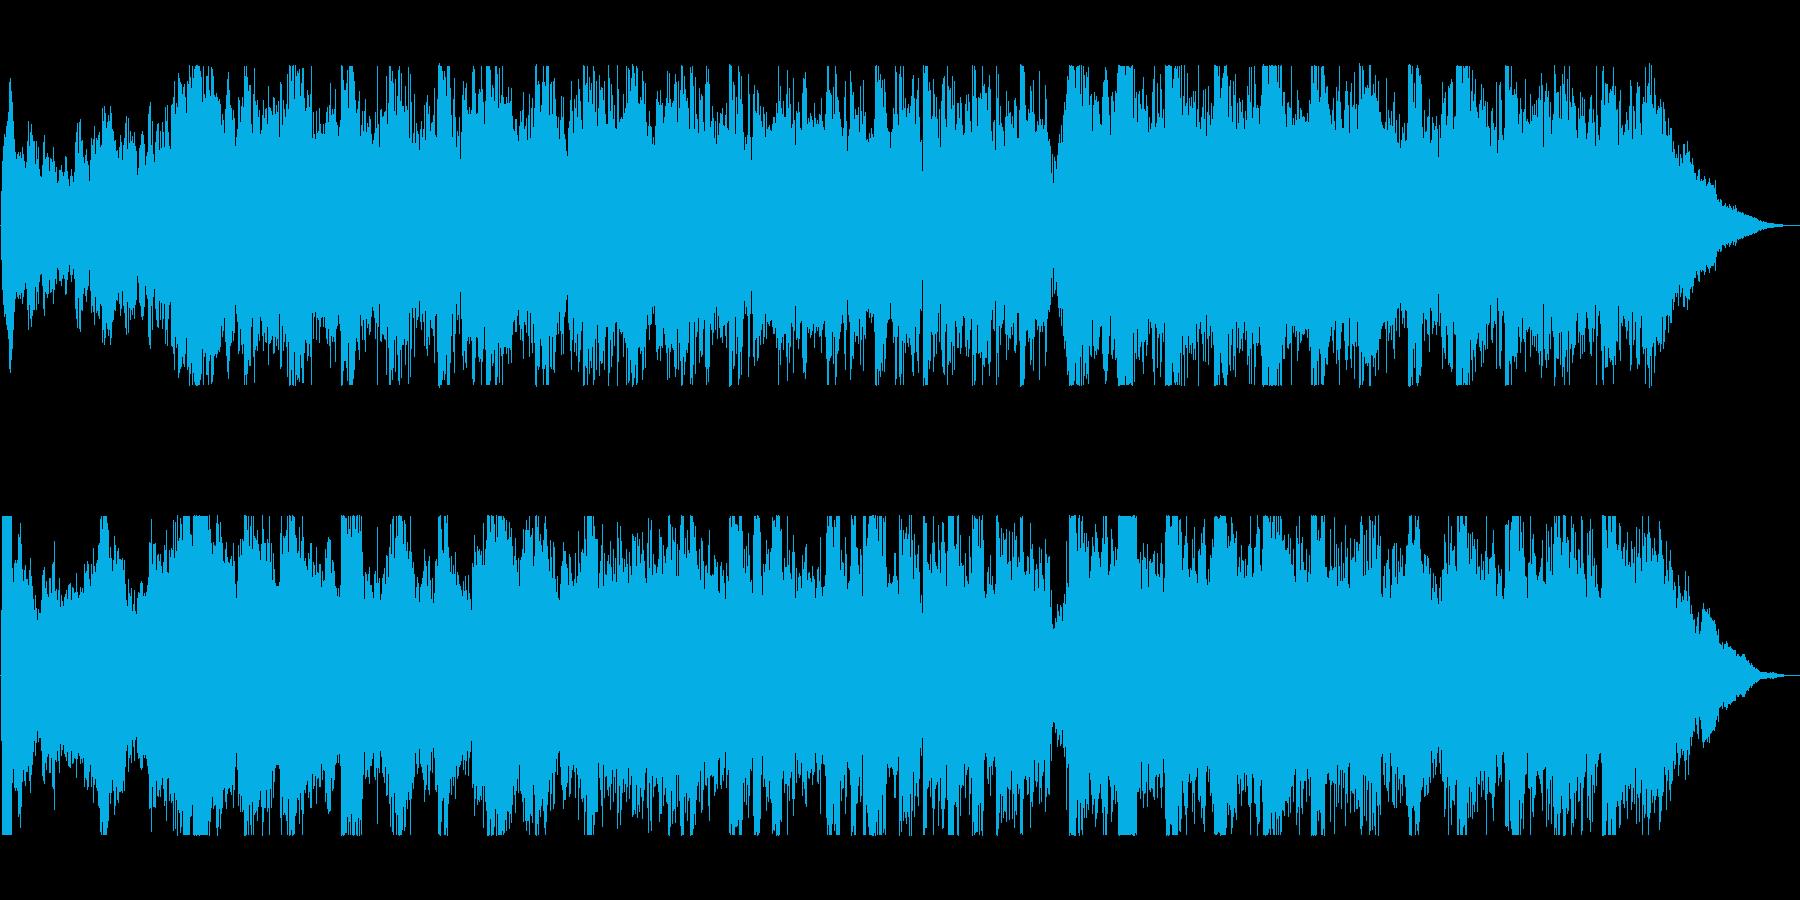 雄大で音階が上がっていくオーケストラの再生済みの波形